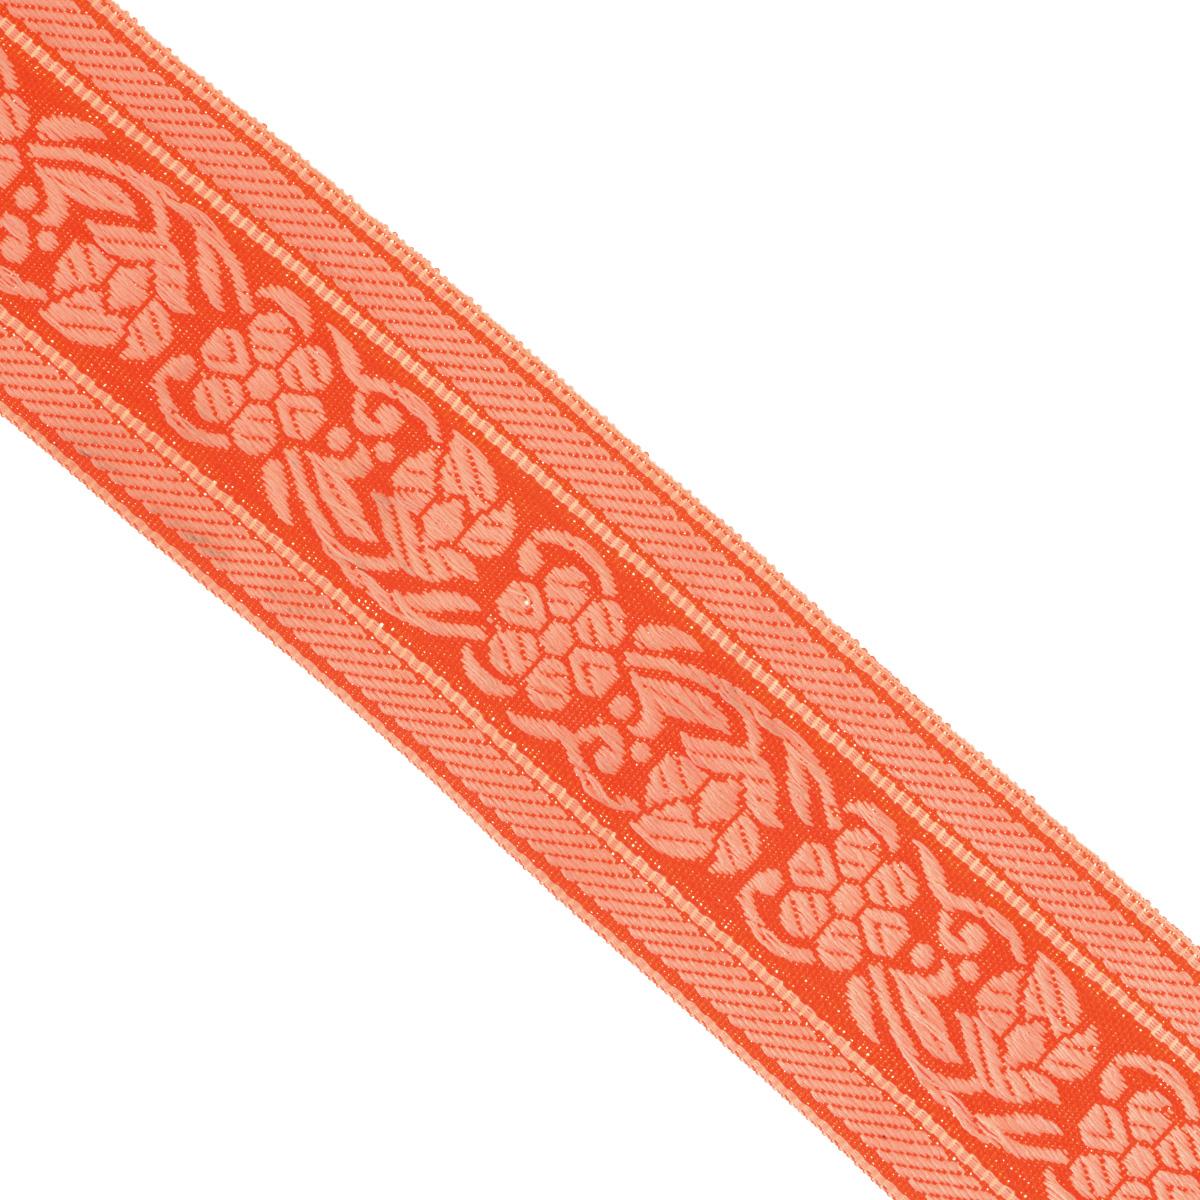 Тесьма декоративная Астра, цвет: красный, ширина 3,5 см, длина 16,4 м. 7703346_84/79L7703346_84/79LДекоративная тесьма Астра выполнена из текстиля и оформлена оригинальным орнаментом. Такая тесьма идеально подойдет для оформления различных творческих работ таких, как скрапбукинг, аппликация, декор коробок и открыток и многое другое. Тесьма наивысшего качества и практична в использовании. Она станет незаменимом элементов в создании рукотворного шедевра. Ширина: 3,5 см. Длина: 16,4 м.